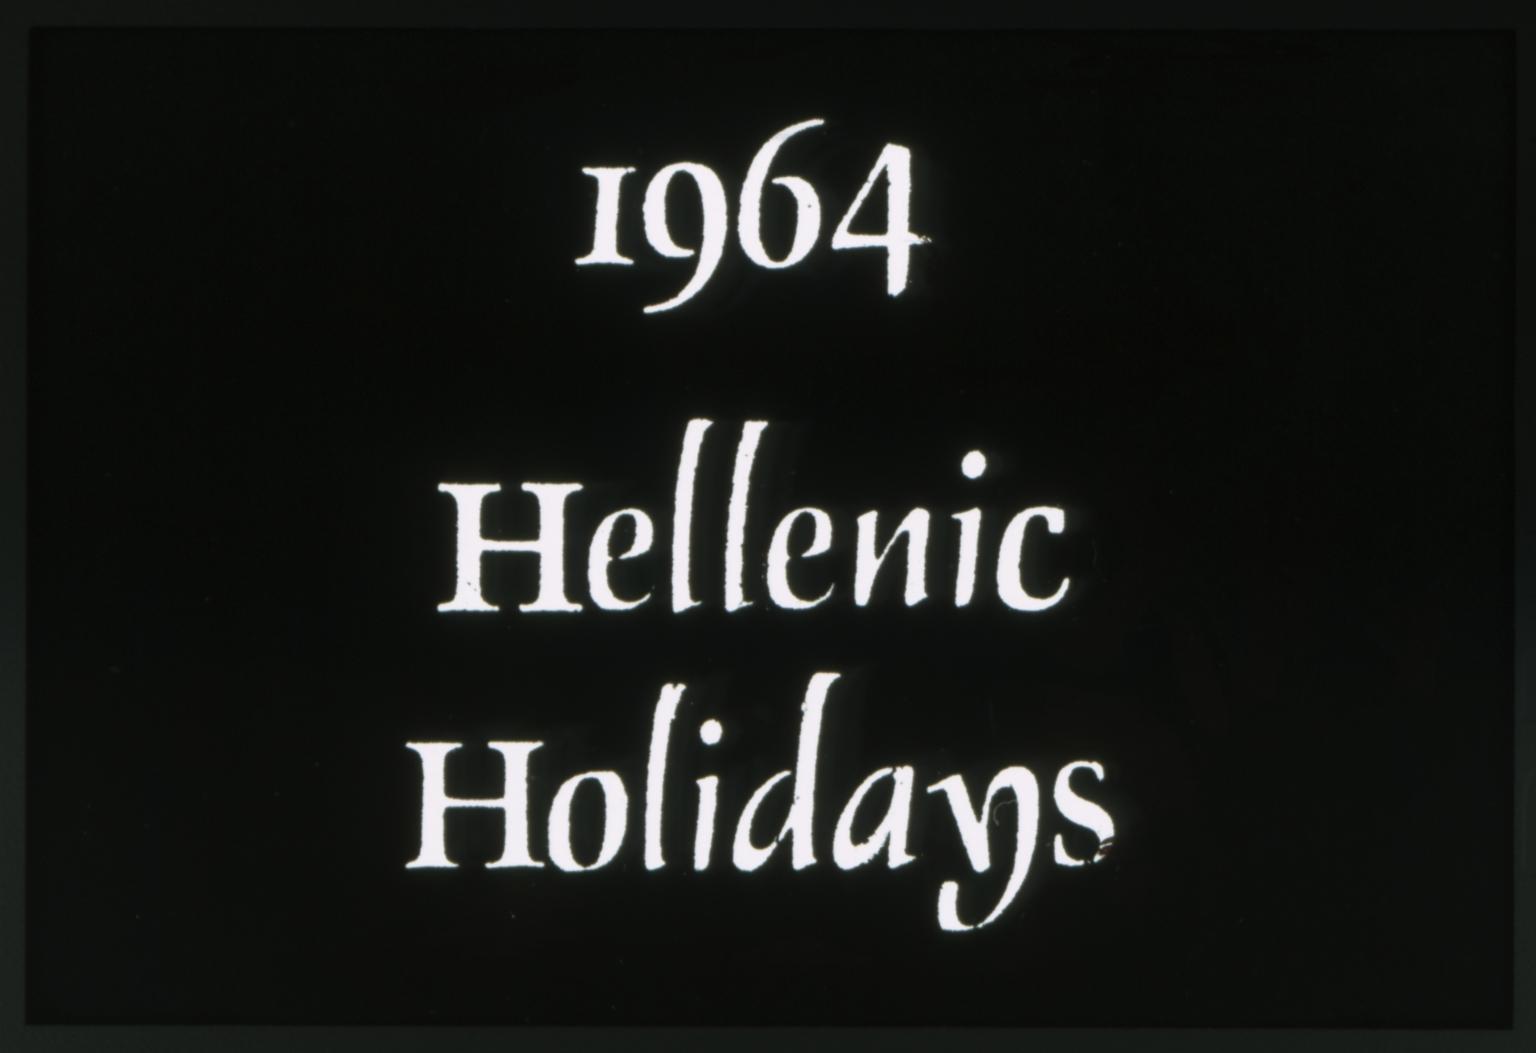 1964 Hellenic Holidays